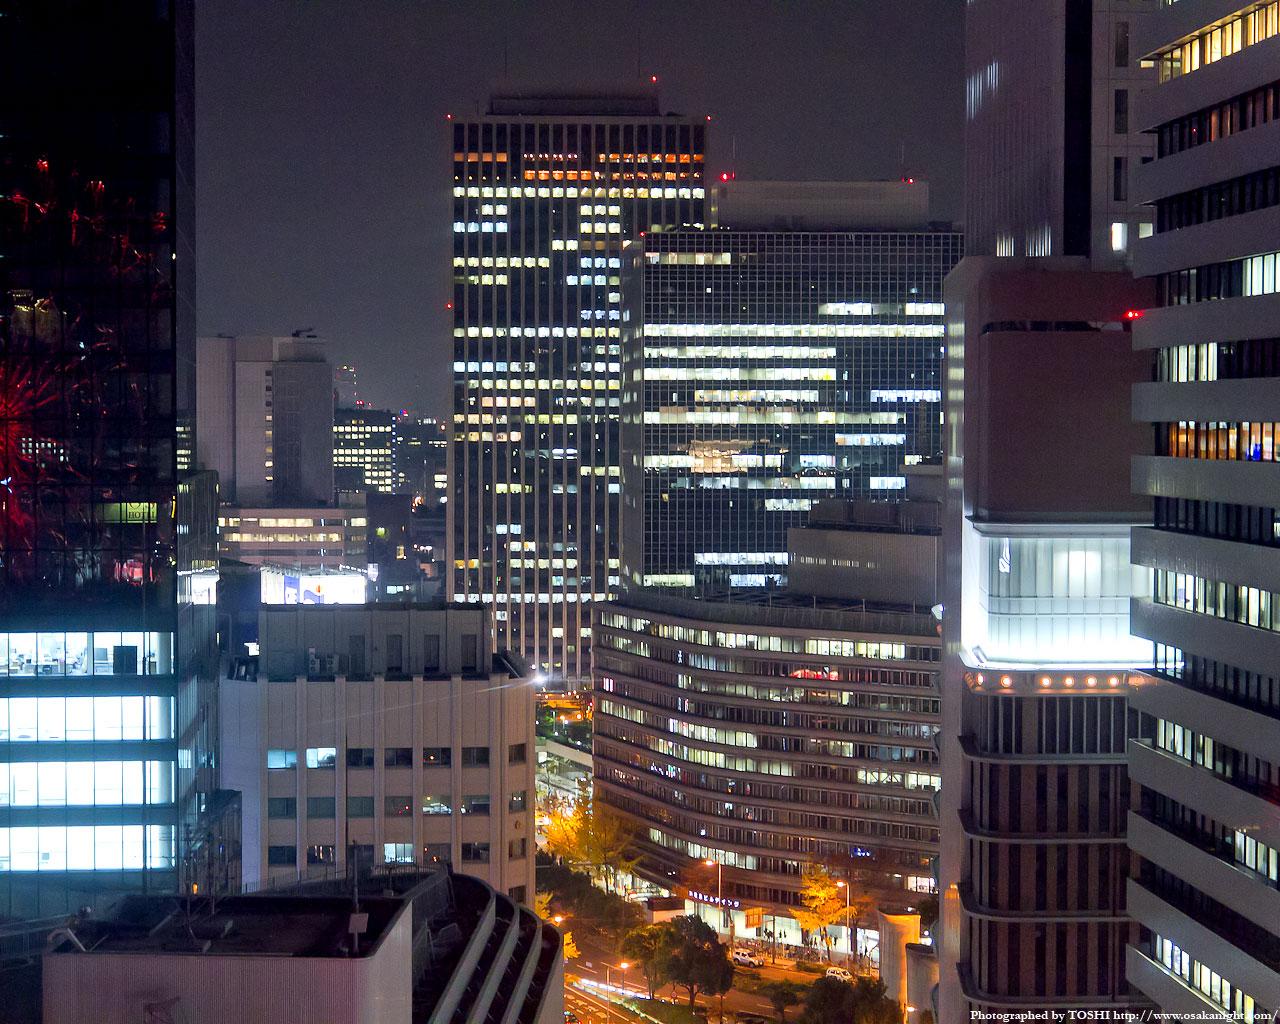 大阪駅前ダイヤモンド地区方面の夜景2